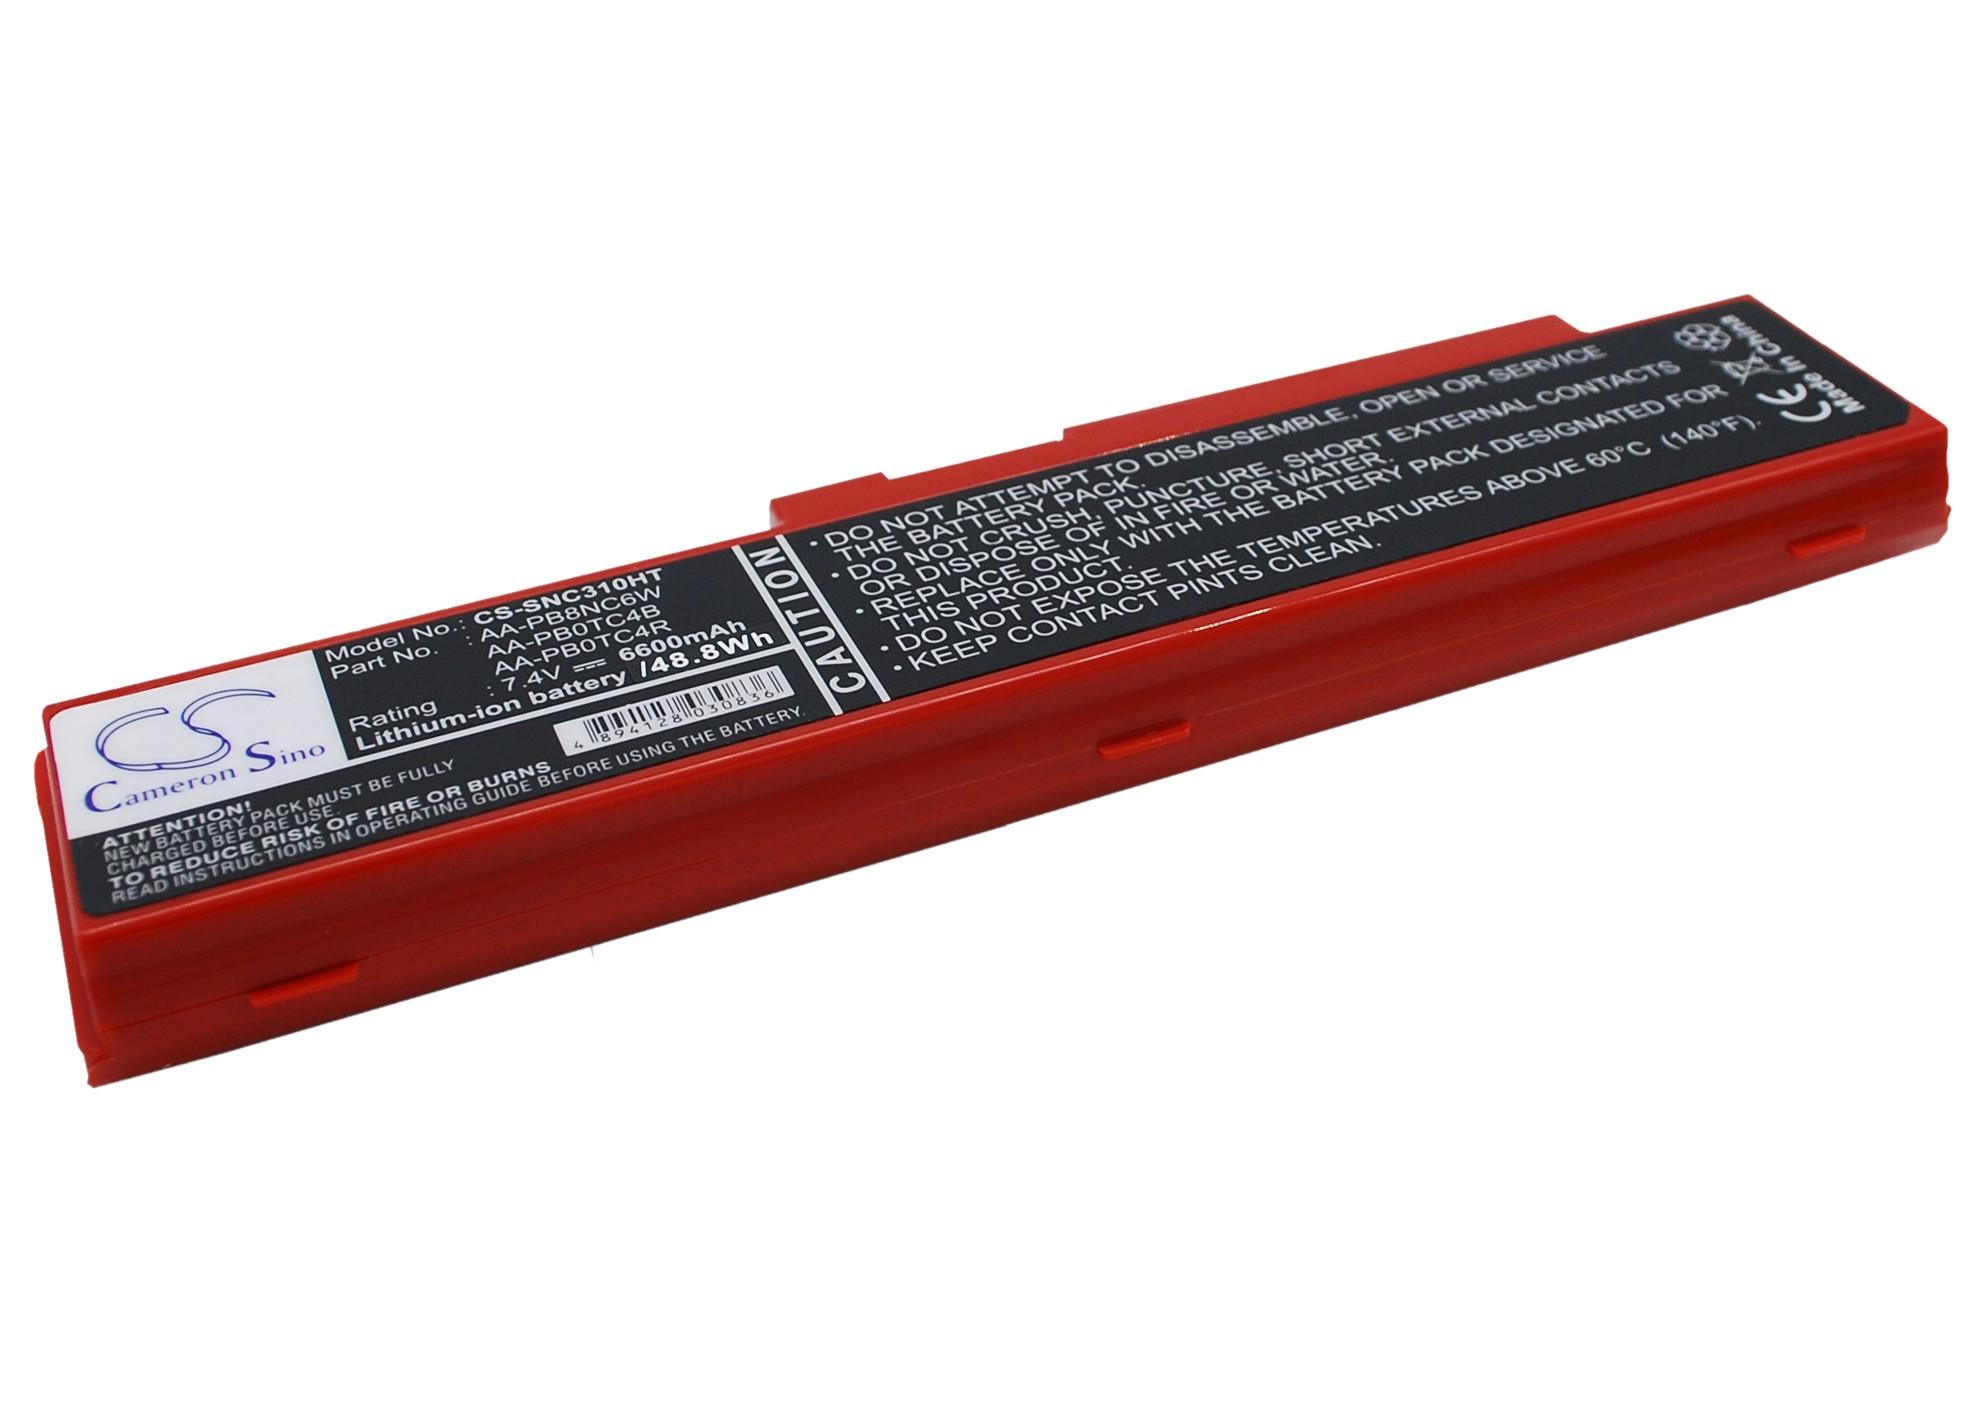 Cameron Sino baterie do netbooků pro SAMSUNG NP-N315-JA01SE 7.4V Li-ion 6600mAh červená - neoriginální